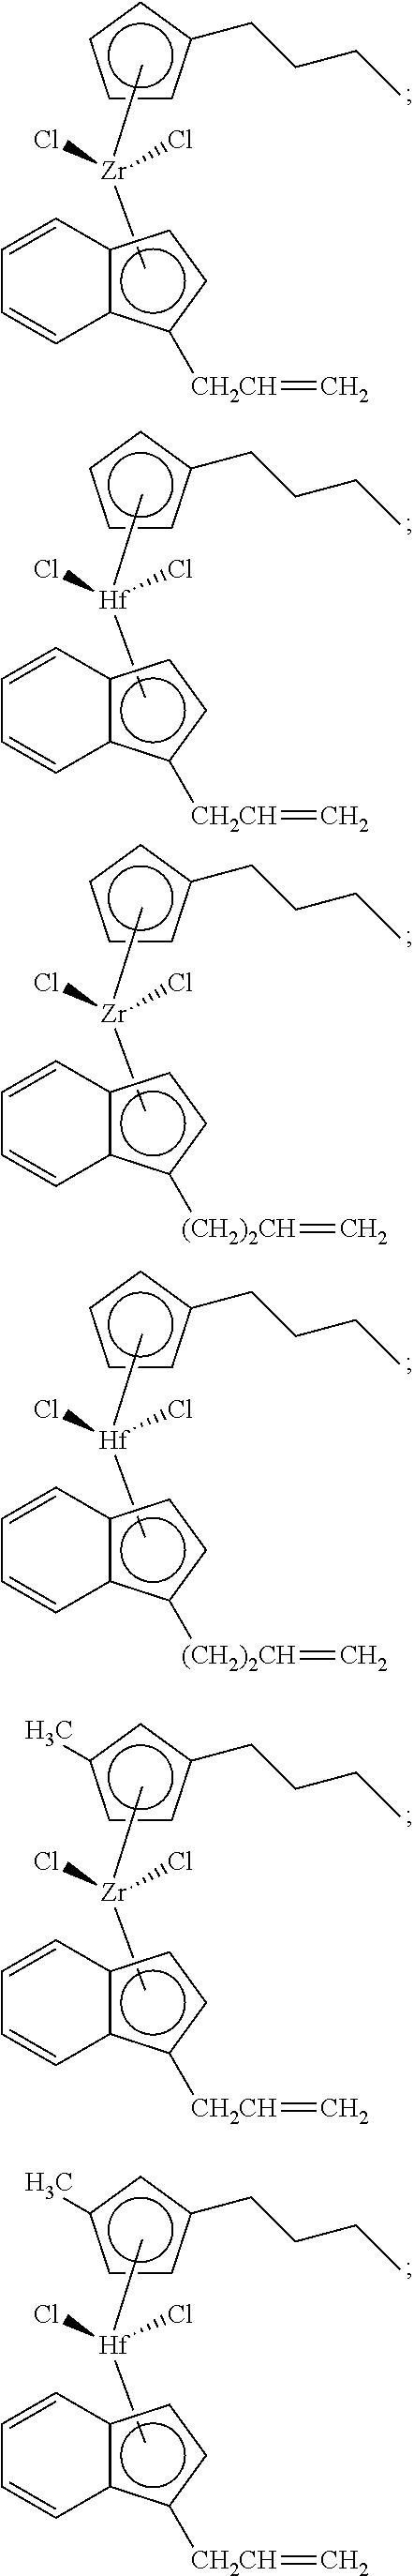 Figure US20110092357A1-20110421-C00015